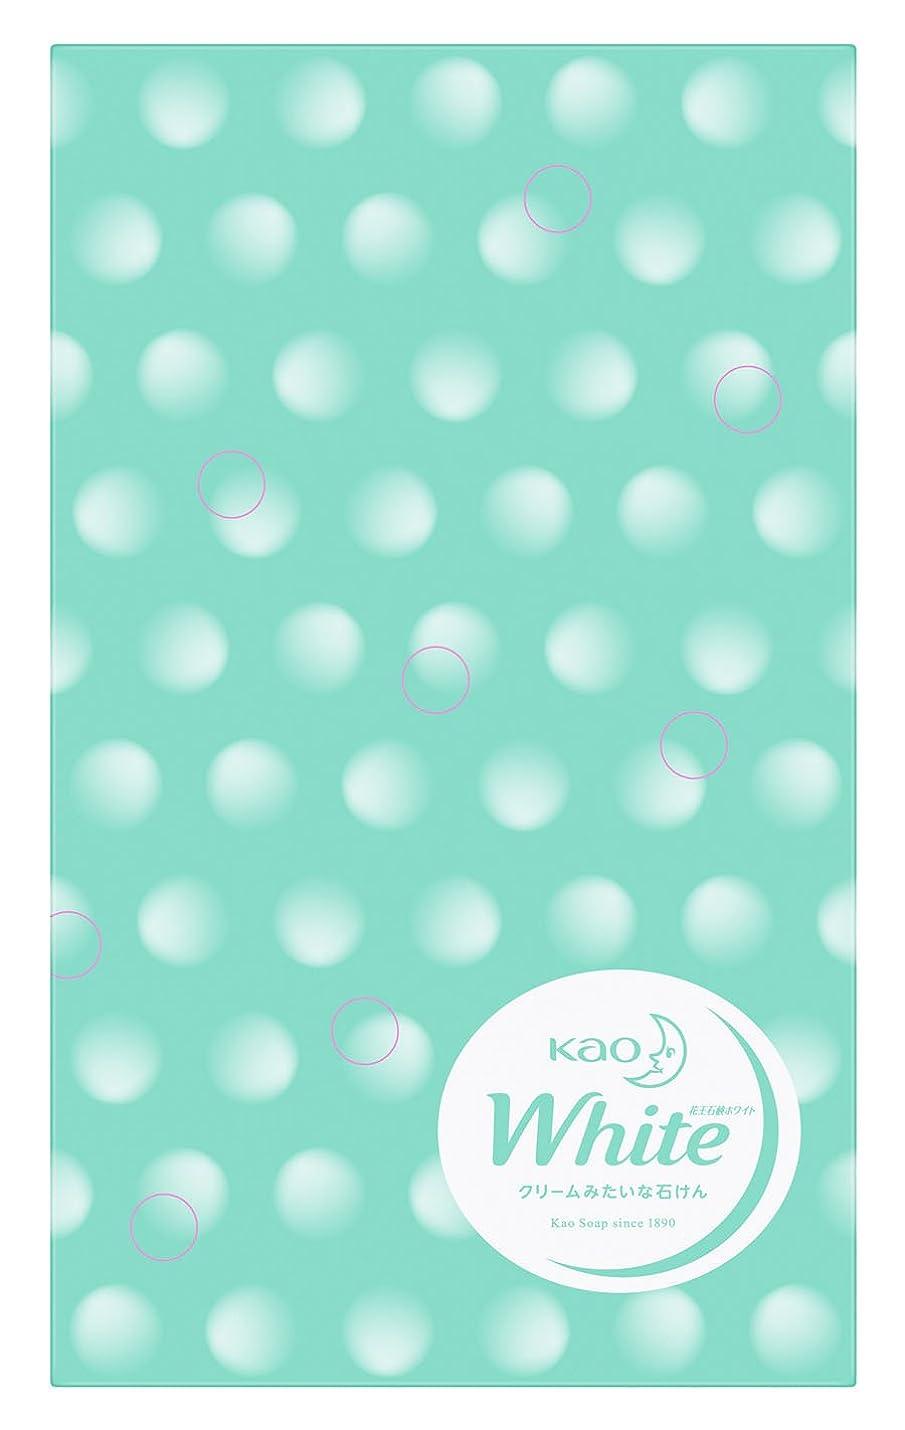 台風メイン組み合わせ花王ホワイト 普通サイズ 10コ包装デザイン箱